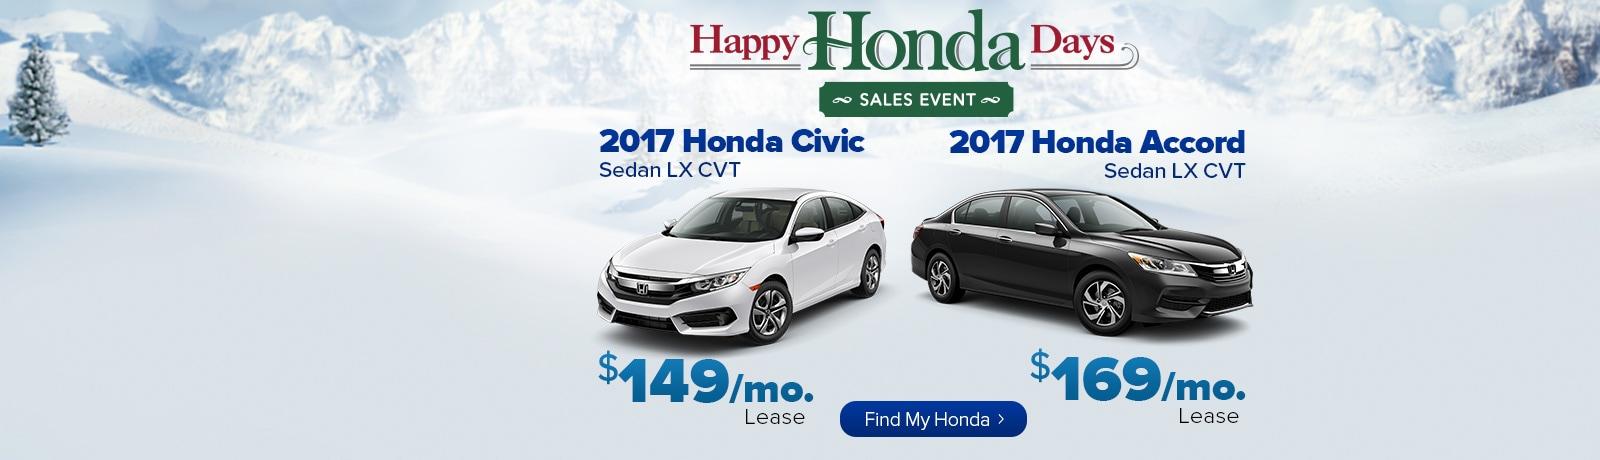 Used car dealership in tampa tampa honda dealer autos post for Honda dealership tampa